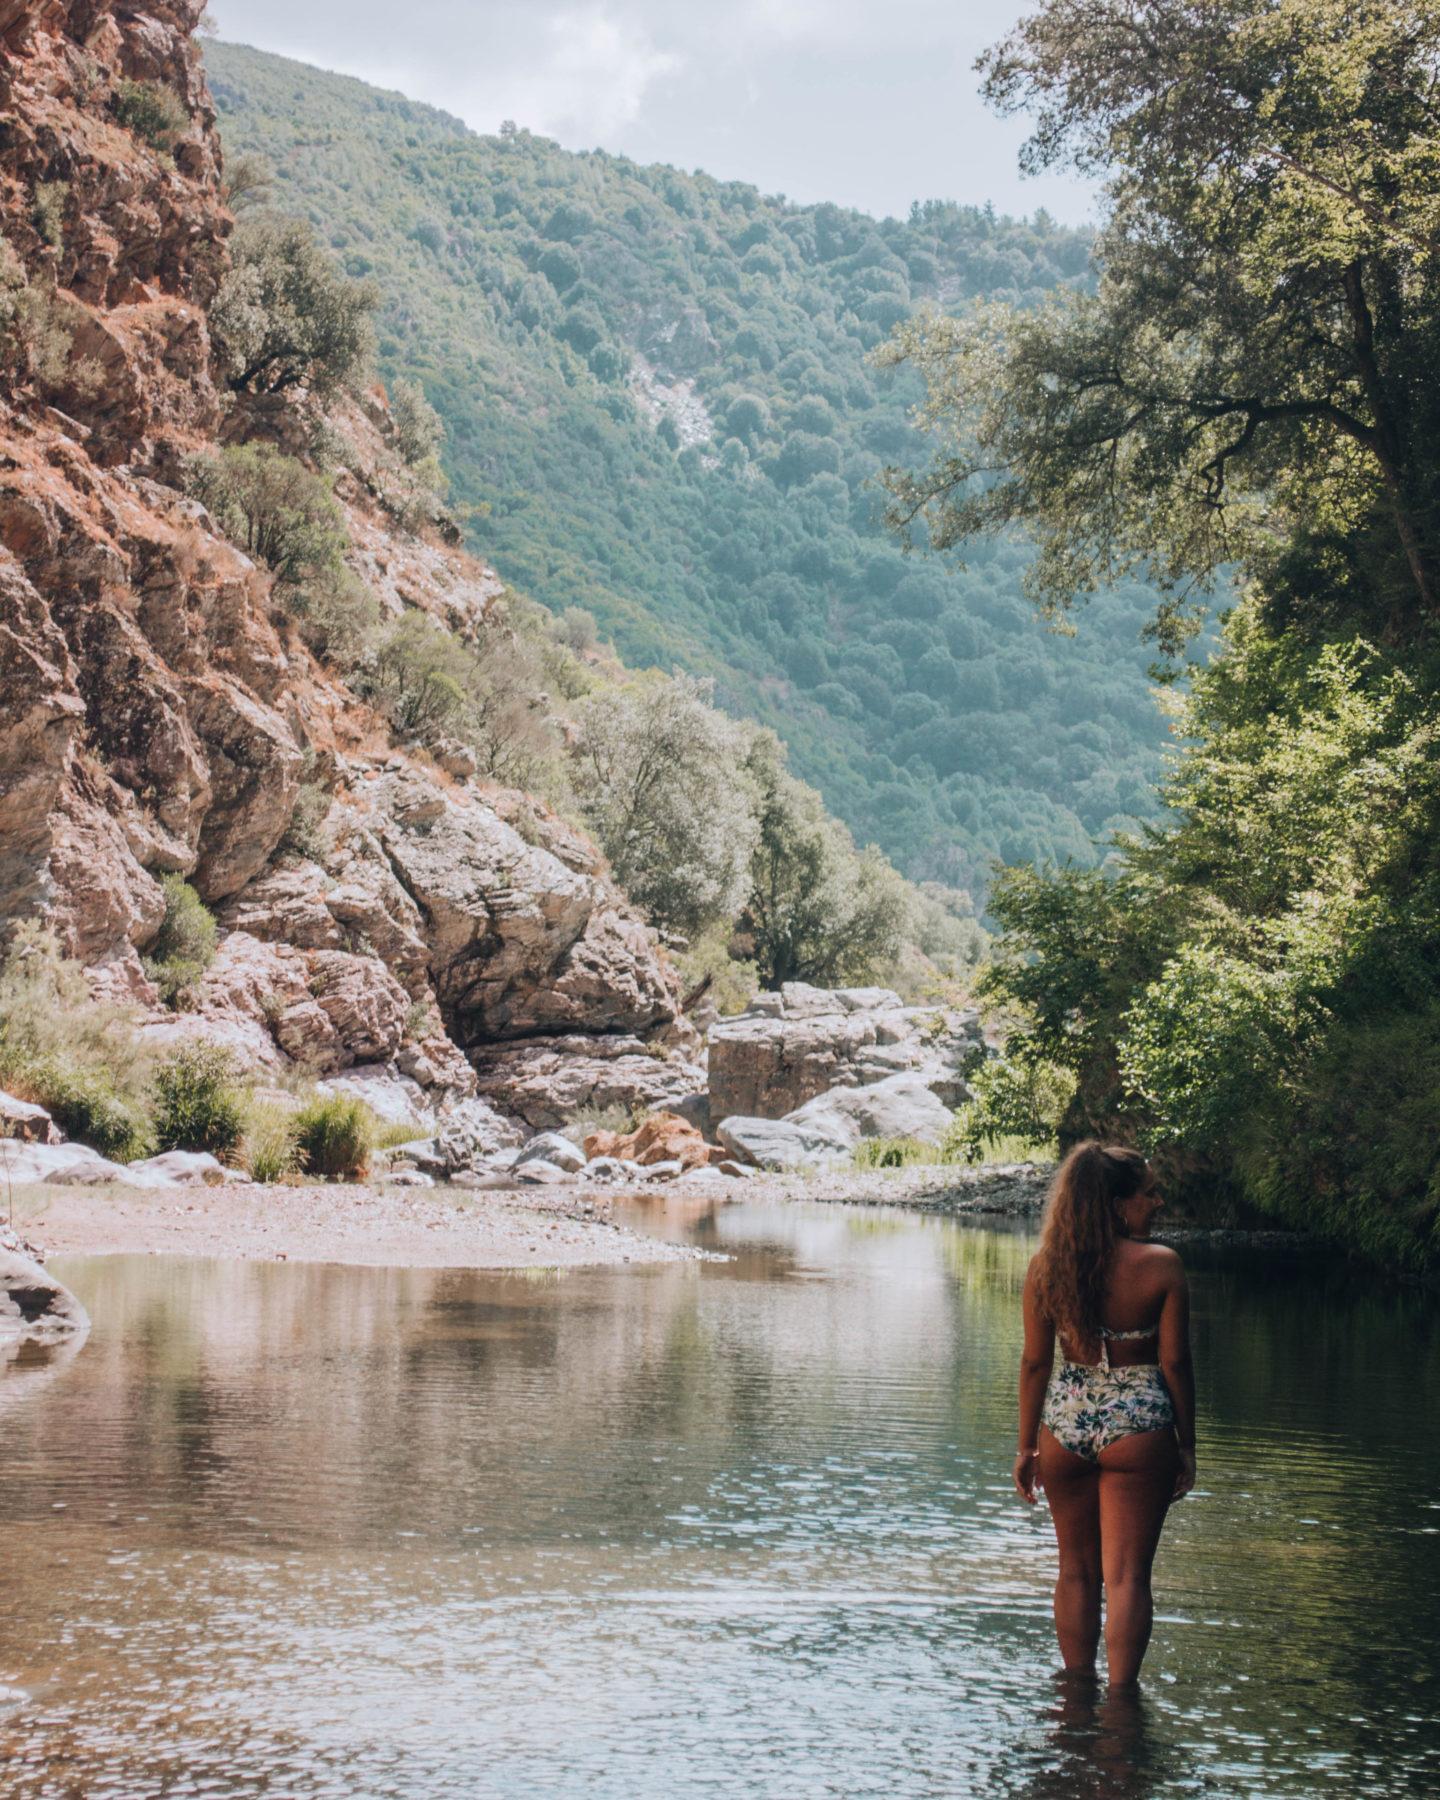 piscina naturale in canyon scavato tra rocce granitiche